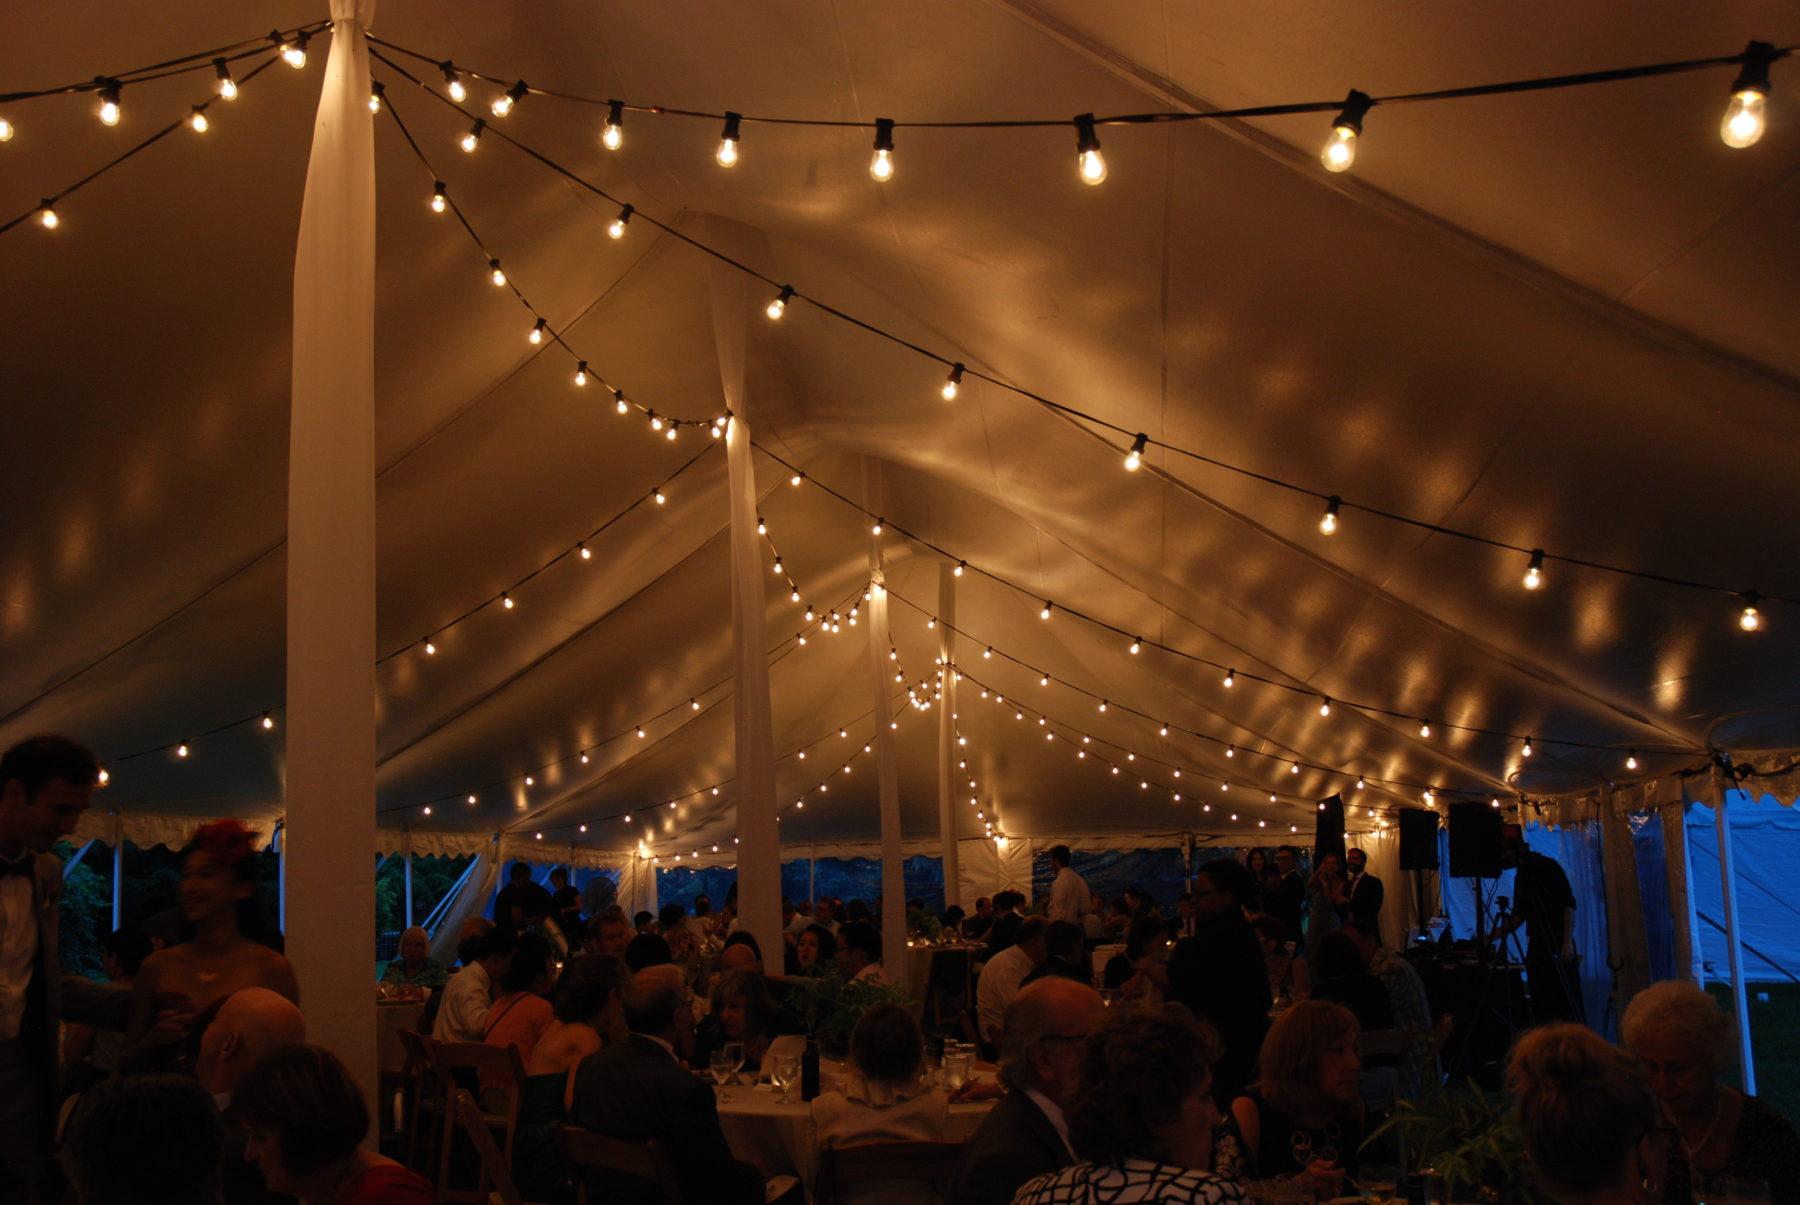 Tent Lighting Rentals Tent Rentals Partysavvy